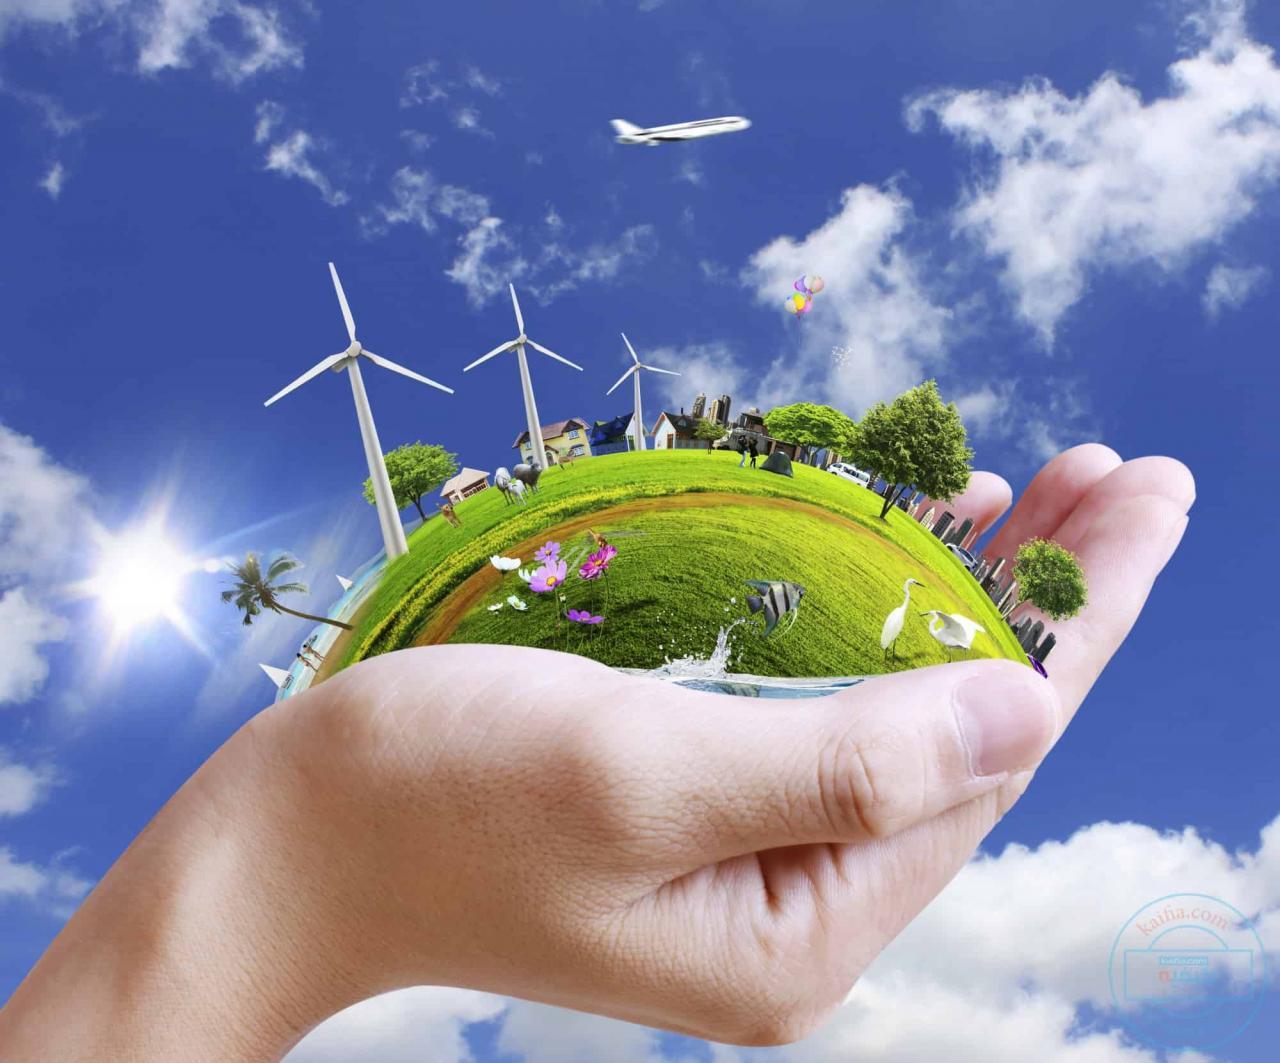 صورة صور عن البيئة , تعرف علي ملامح البيئة